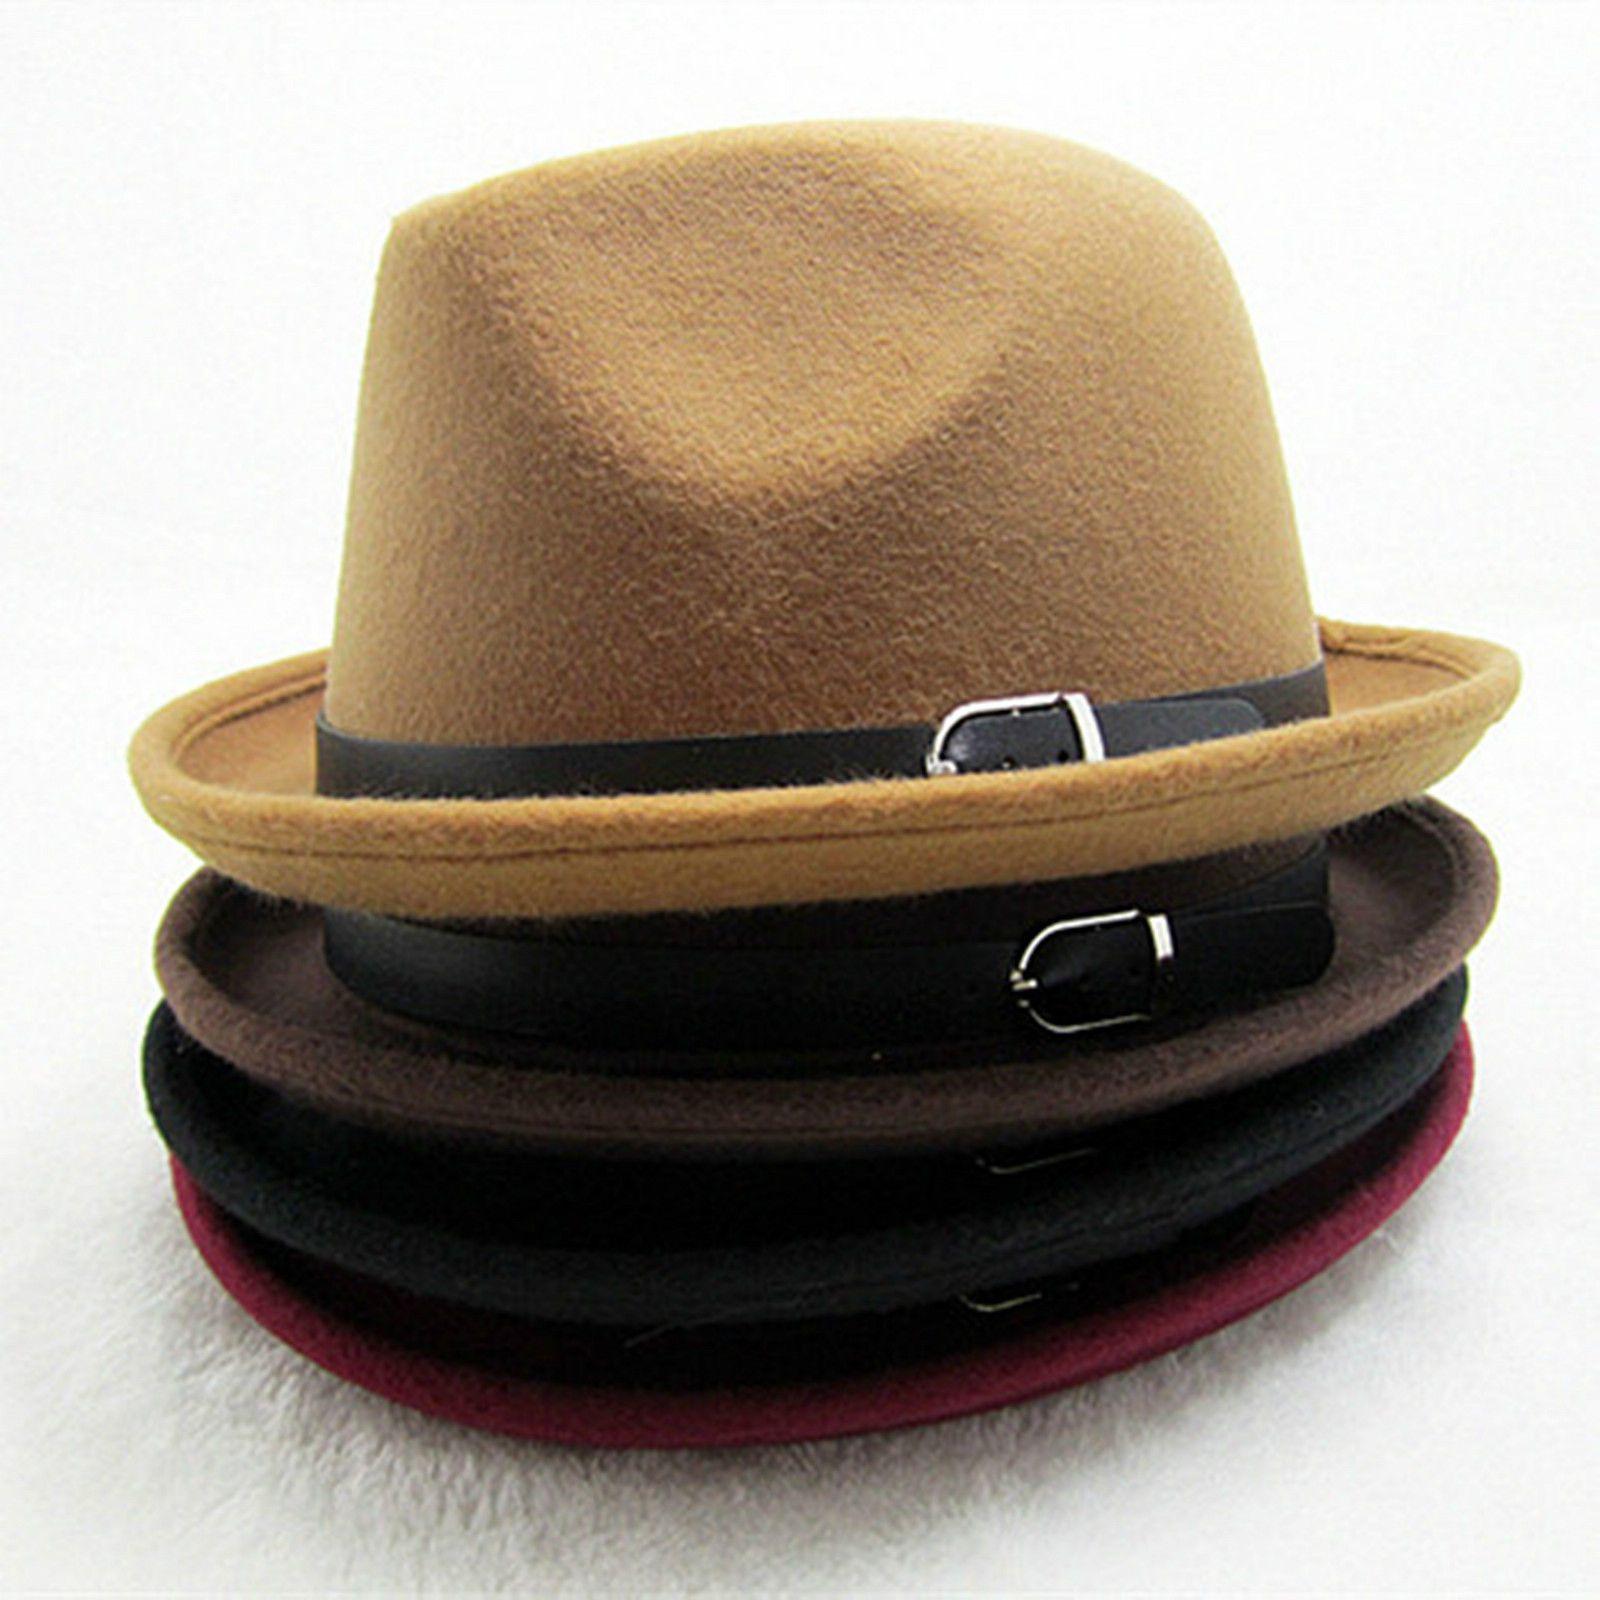 Sombreros de mujer de invierno Sombreros de invierno eBay Sombreros de mujer  baratos ... 36faceff87e